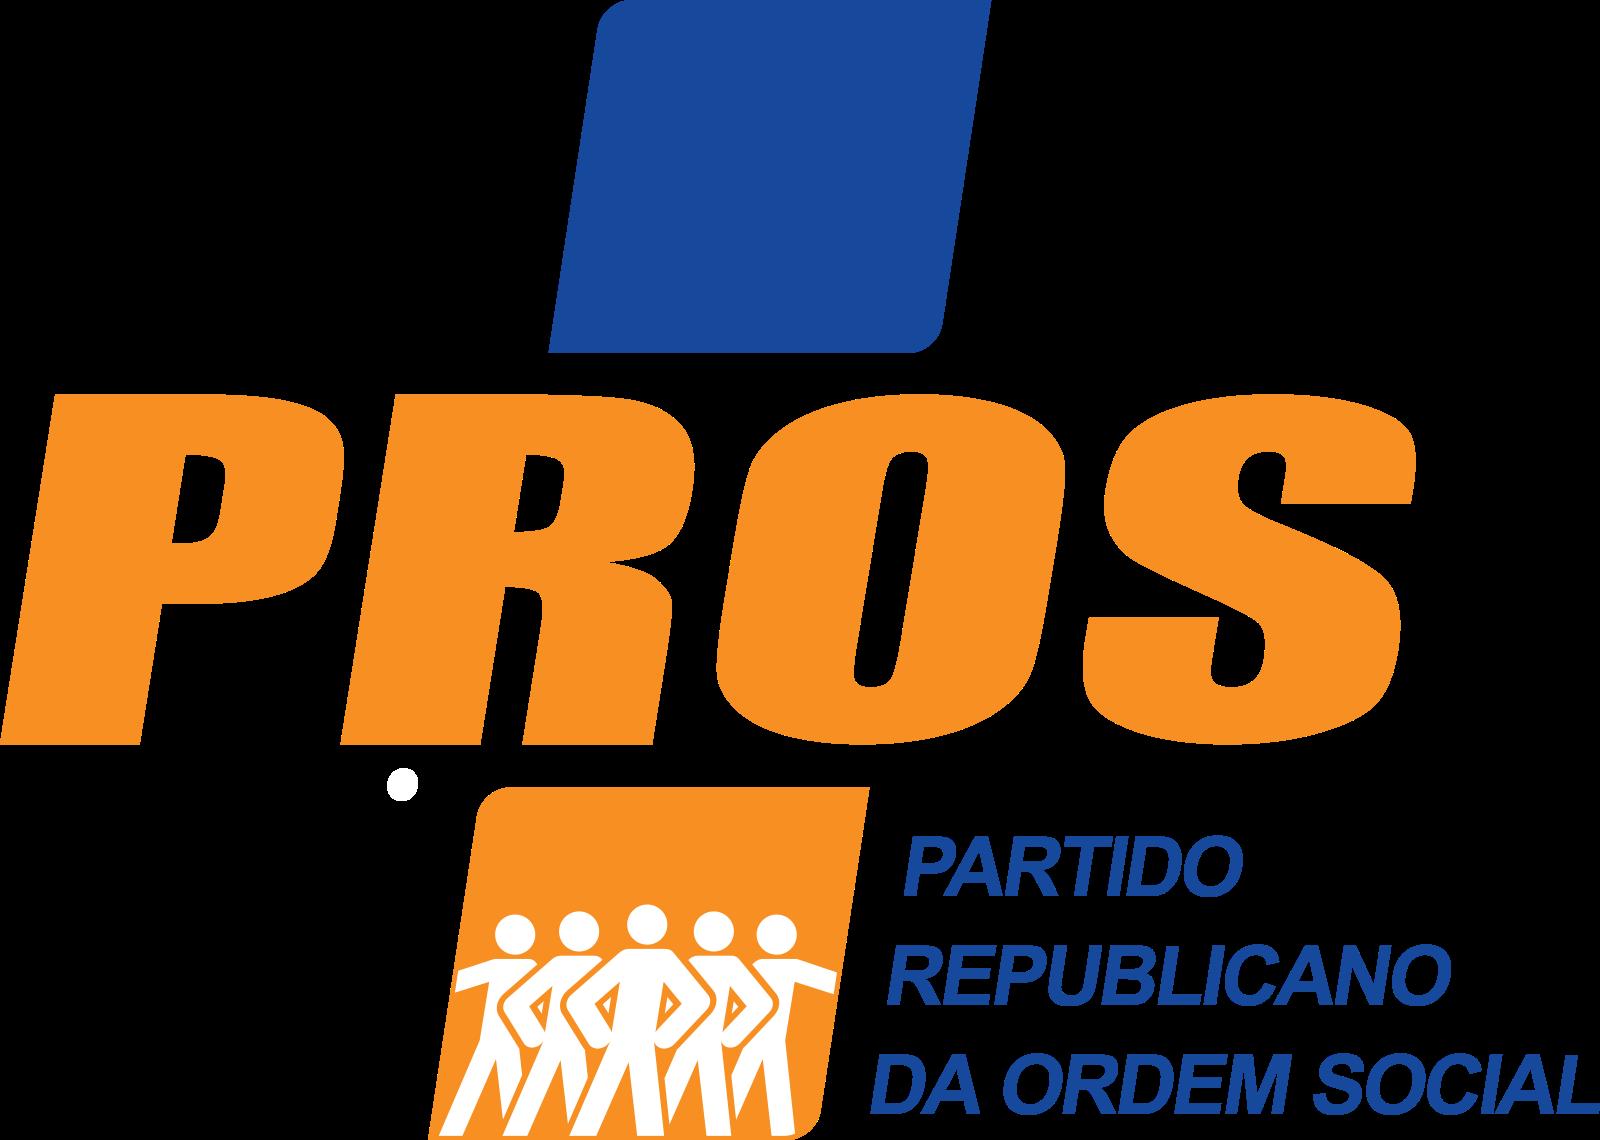 pros-logo-partido-8